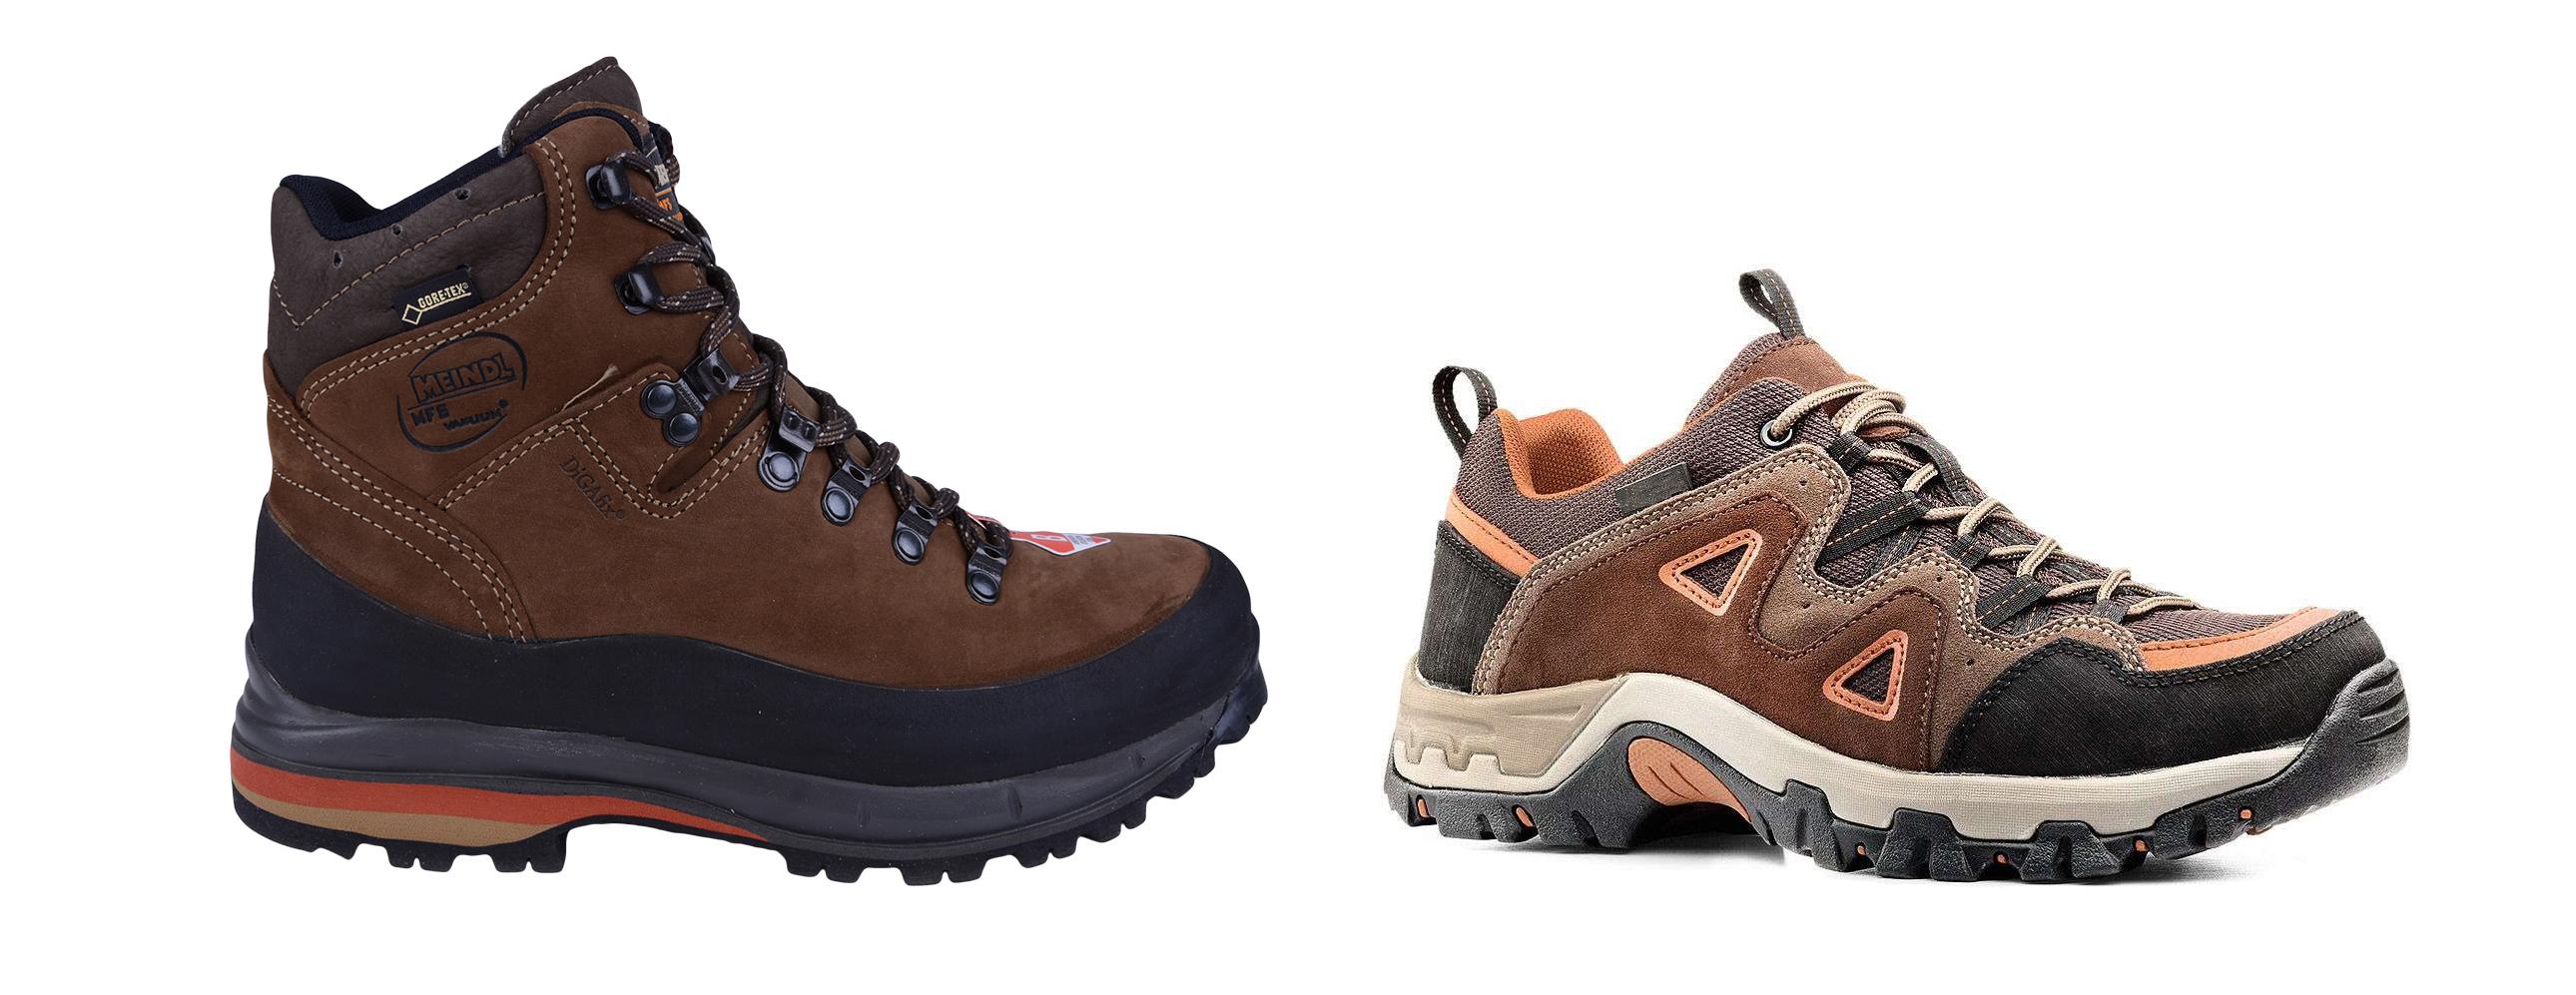 9d0830ae Jakie buty trekkingowe wybrać - część druga - Blog Outdoorzy.pl